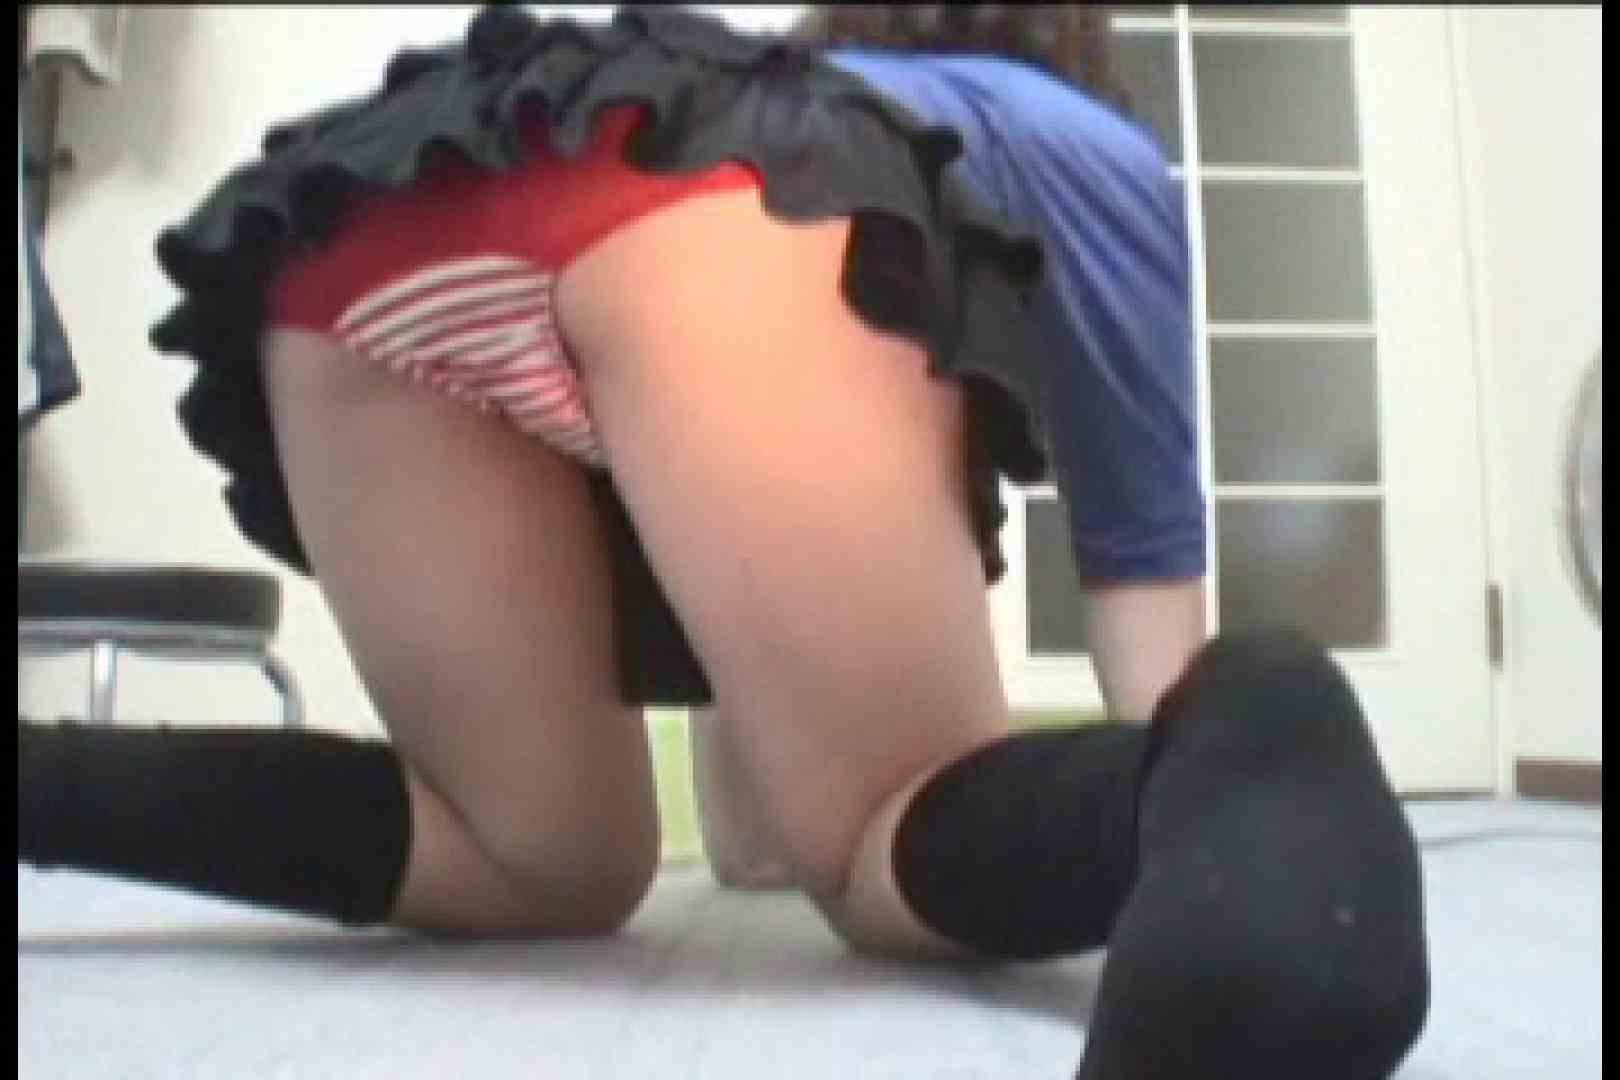 パンツ売りの女の子 けいちゃんvol.1 ぽっちゃり ワレメ動画紹介 67連発 32